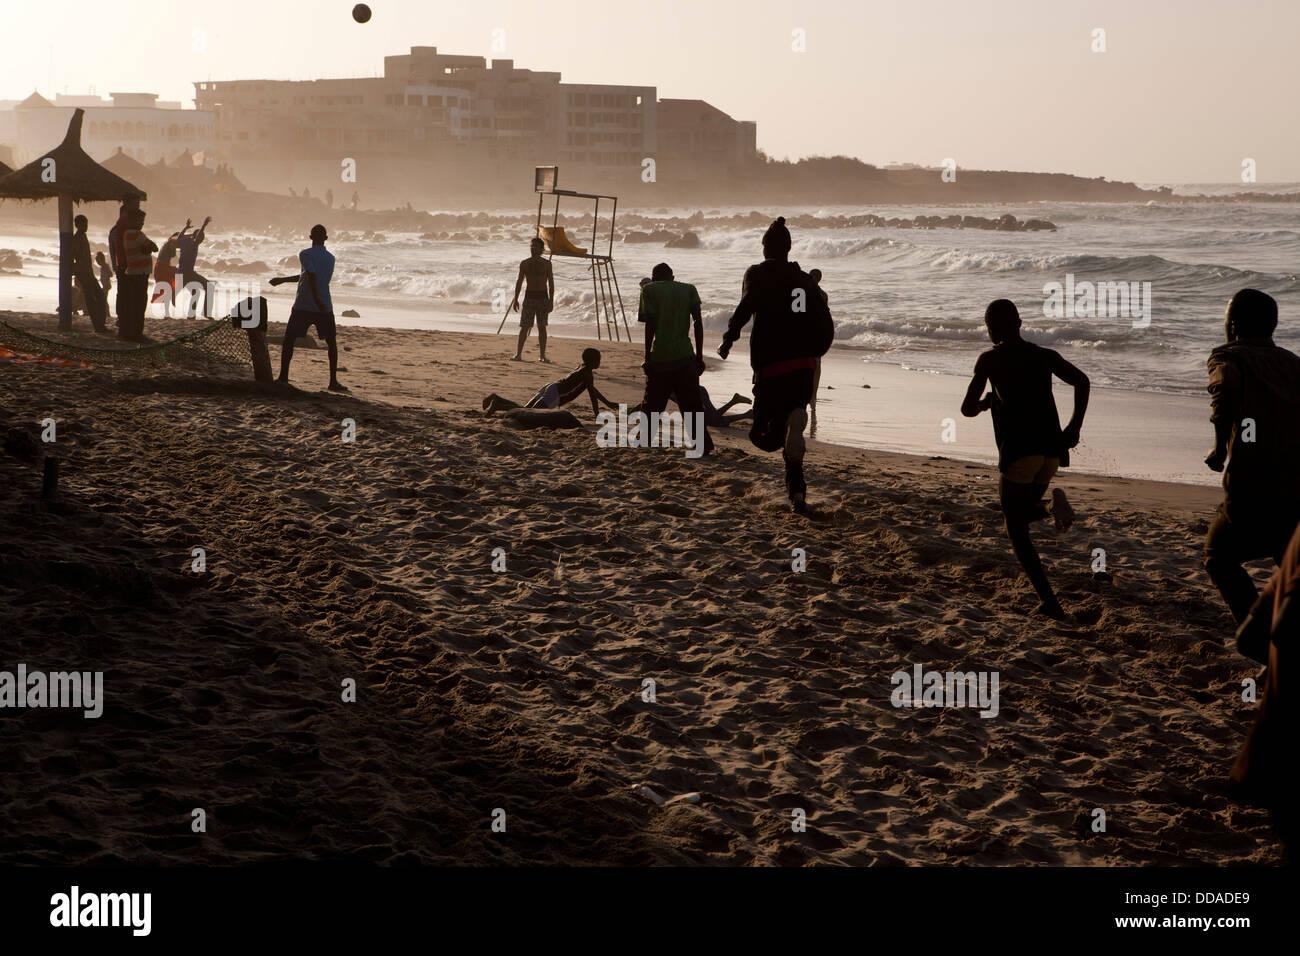 Vita di spiaggia di Dakar in Senegal. Immagini Stock